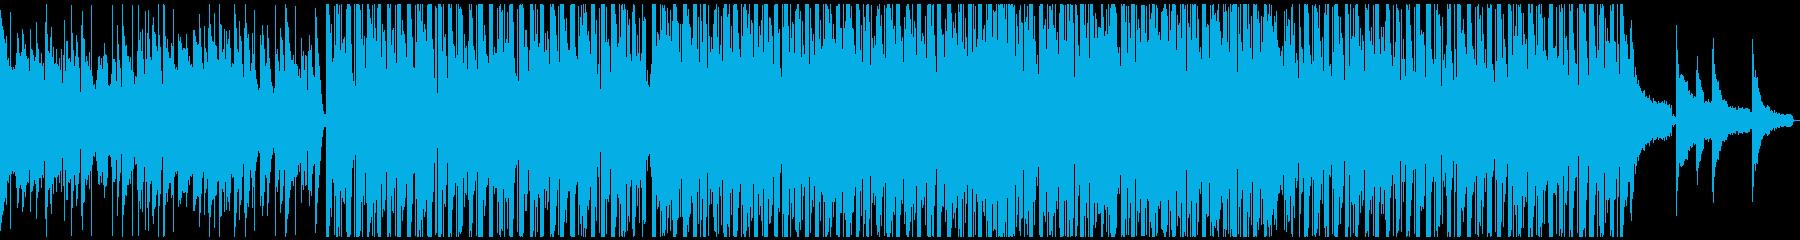 なんだか楽しい気持ちになる曲の再生済みの波形